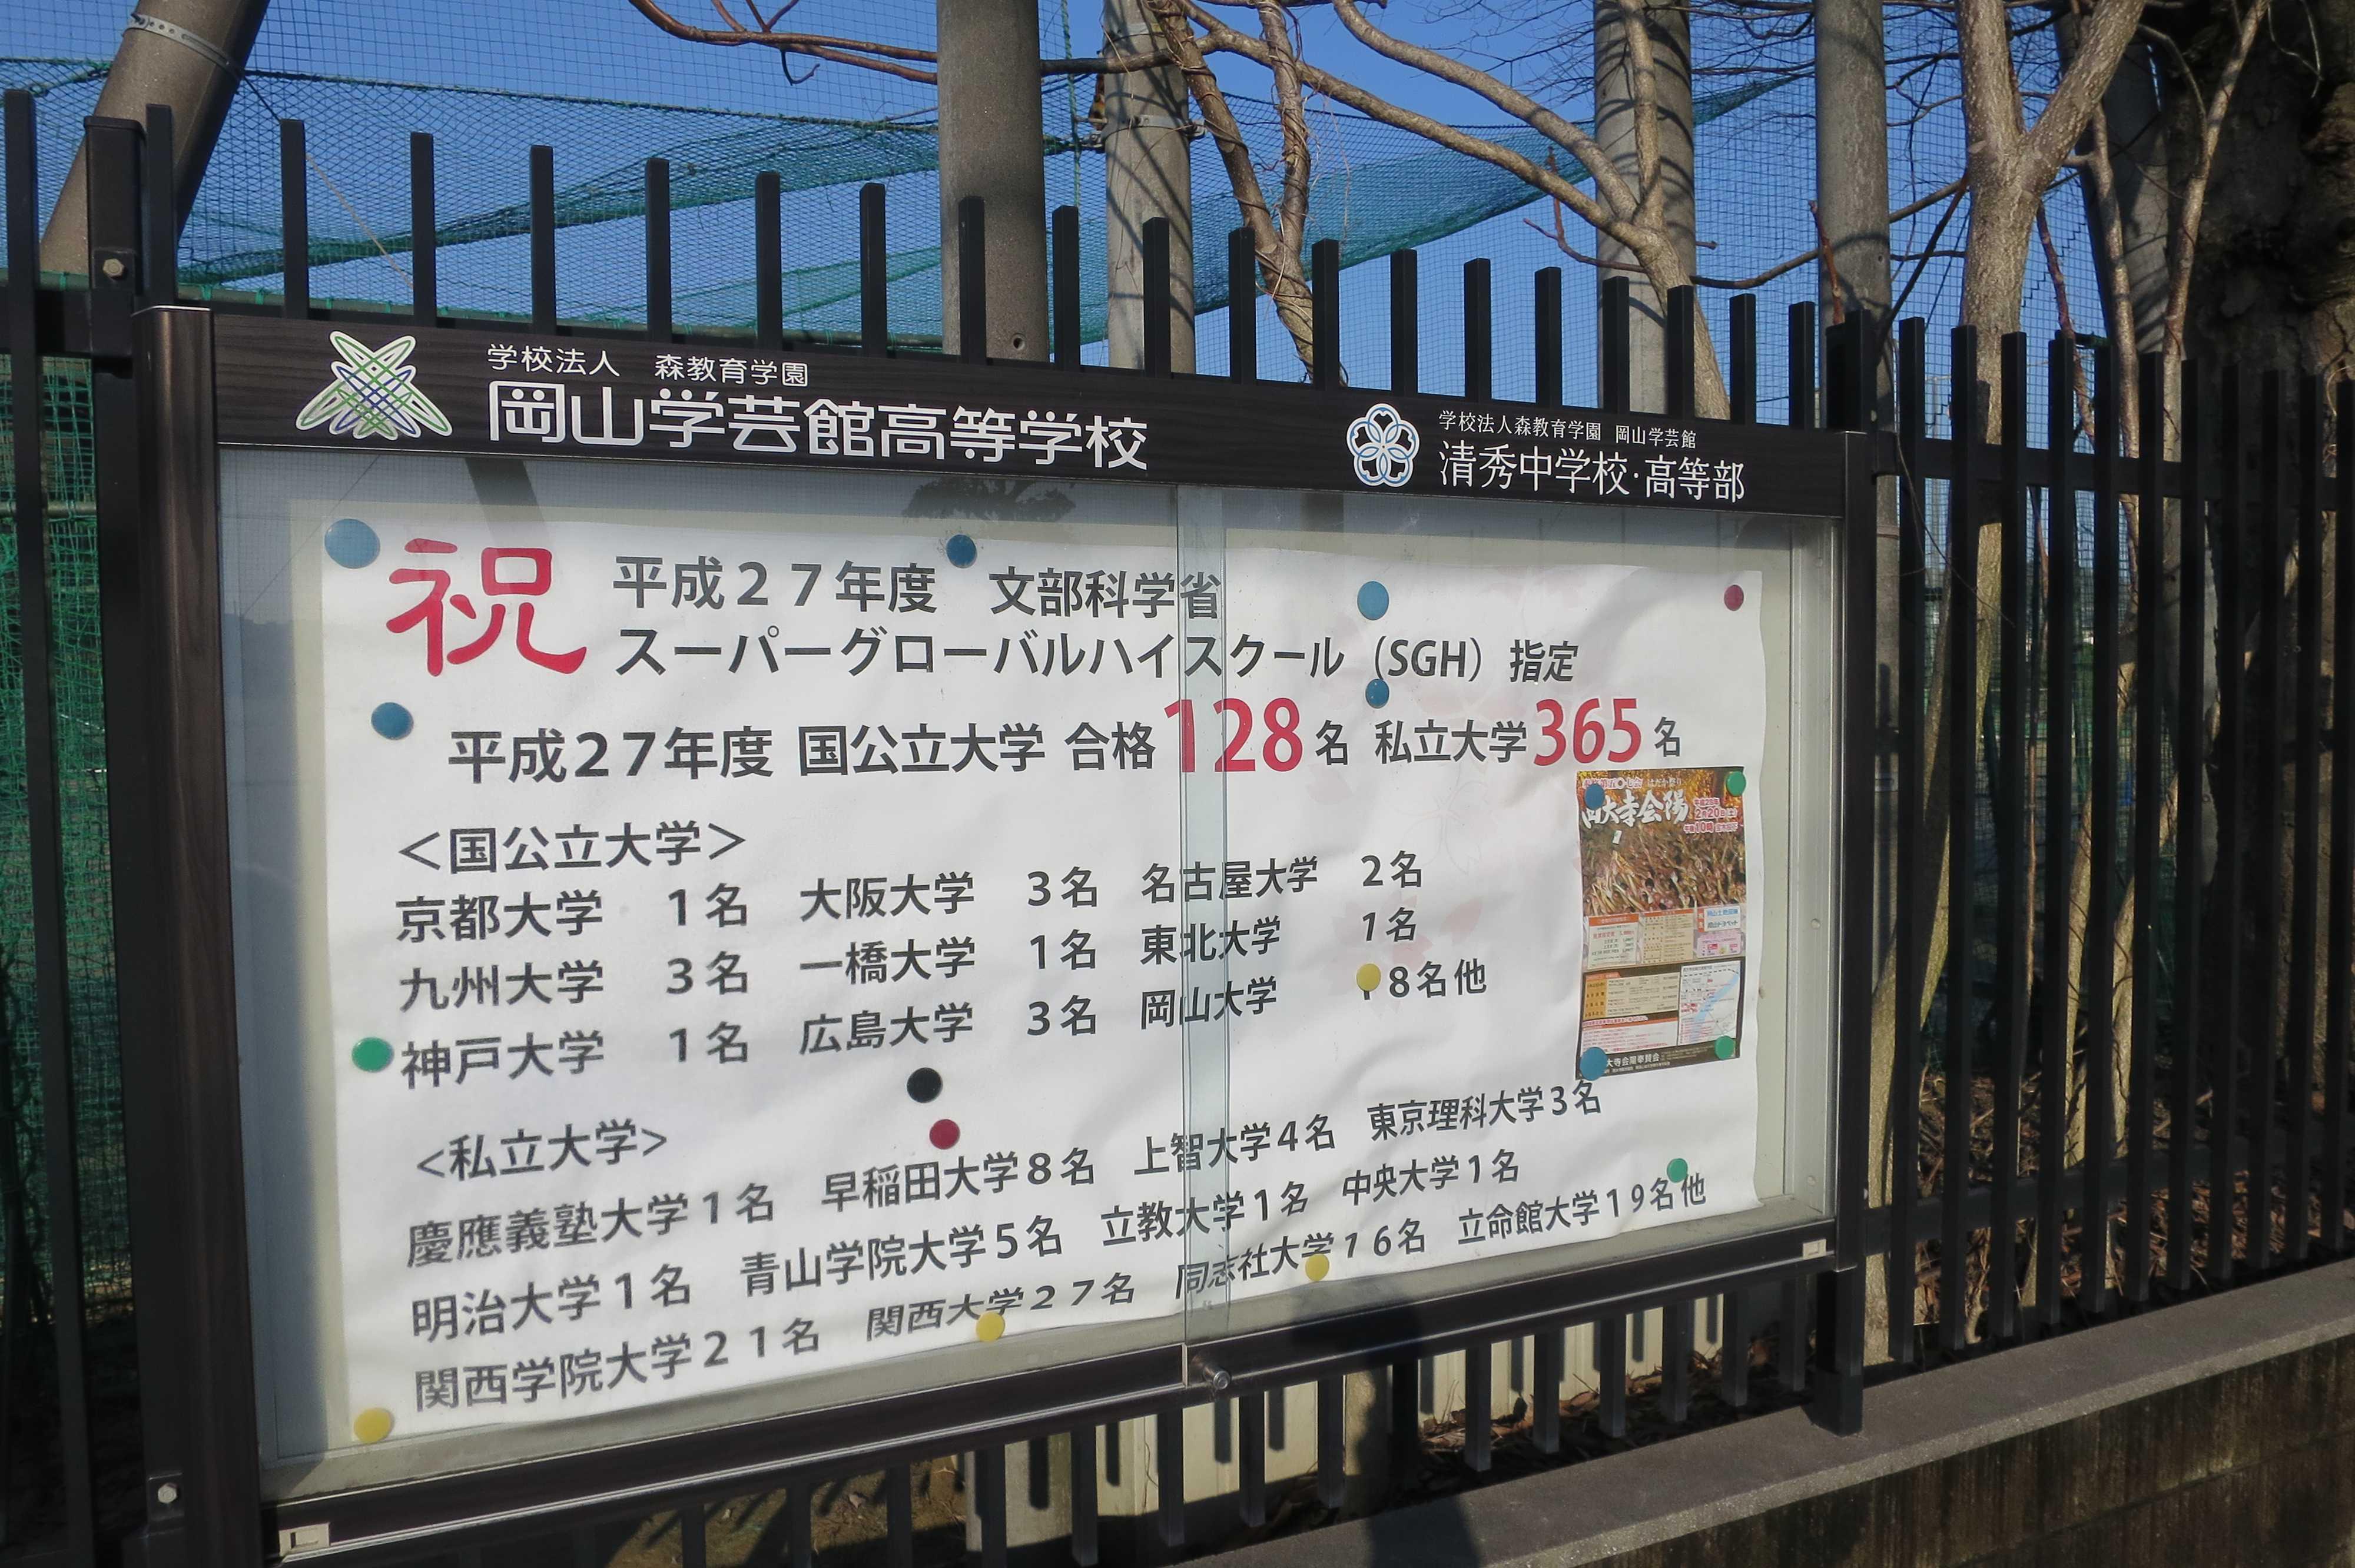 岡山学芸館 - 平成27年度 文部科学省 スーパーグローバルハイスクール(SGH)